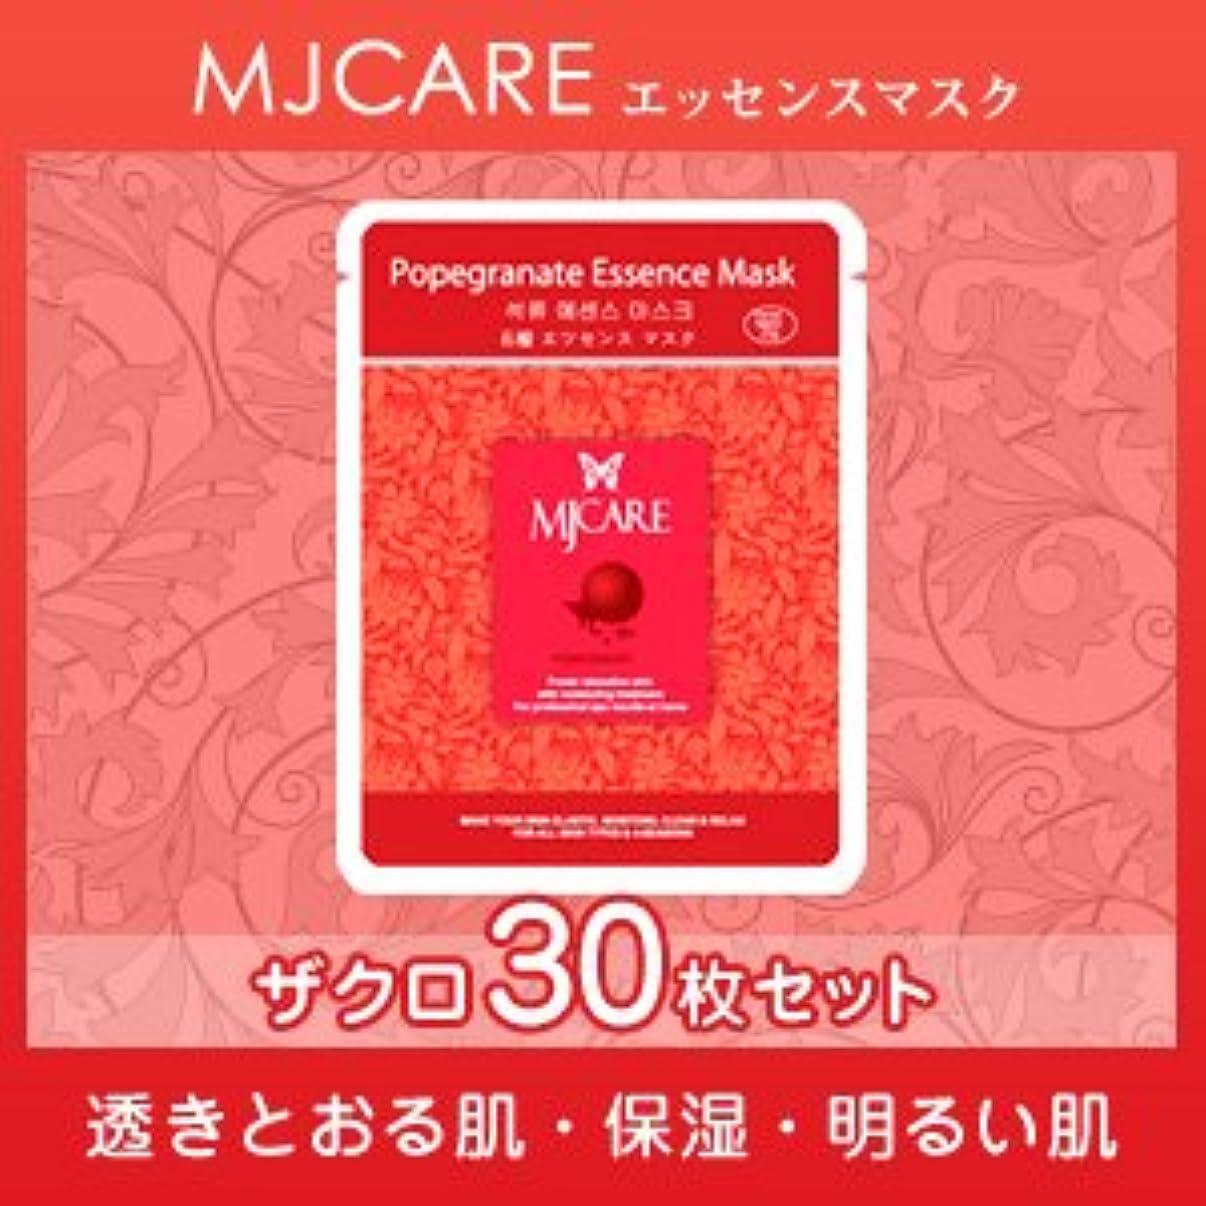 内陸ぬいぐるみ乱用MJCARE (エムジェイケア) ザクロ エッセンスマスク 30セット